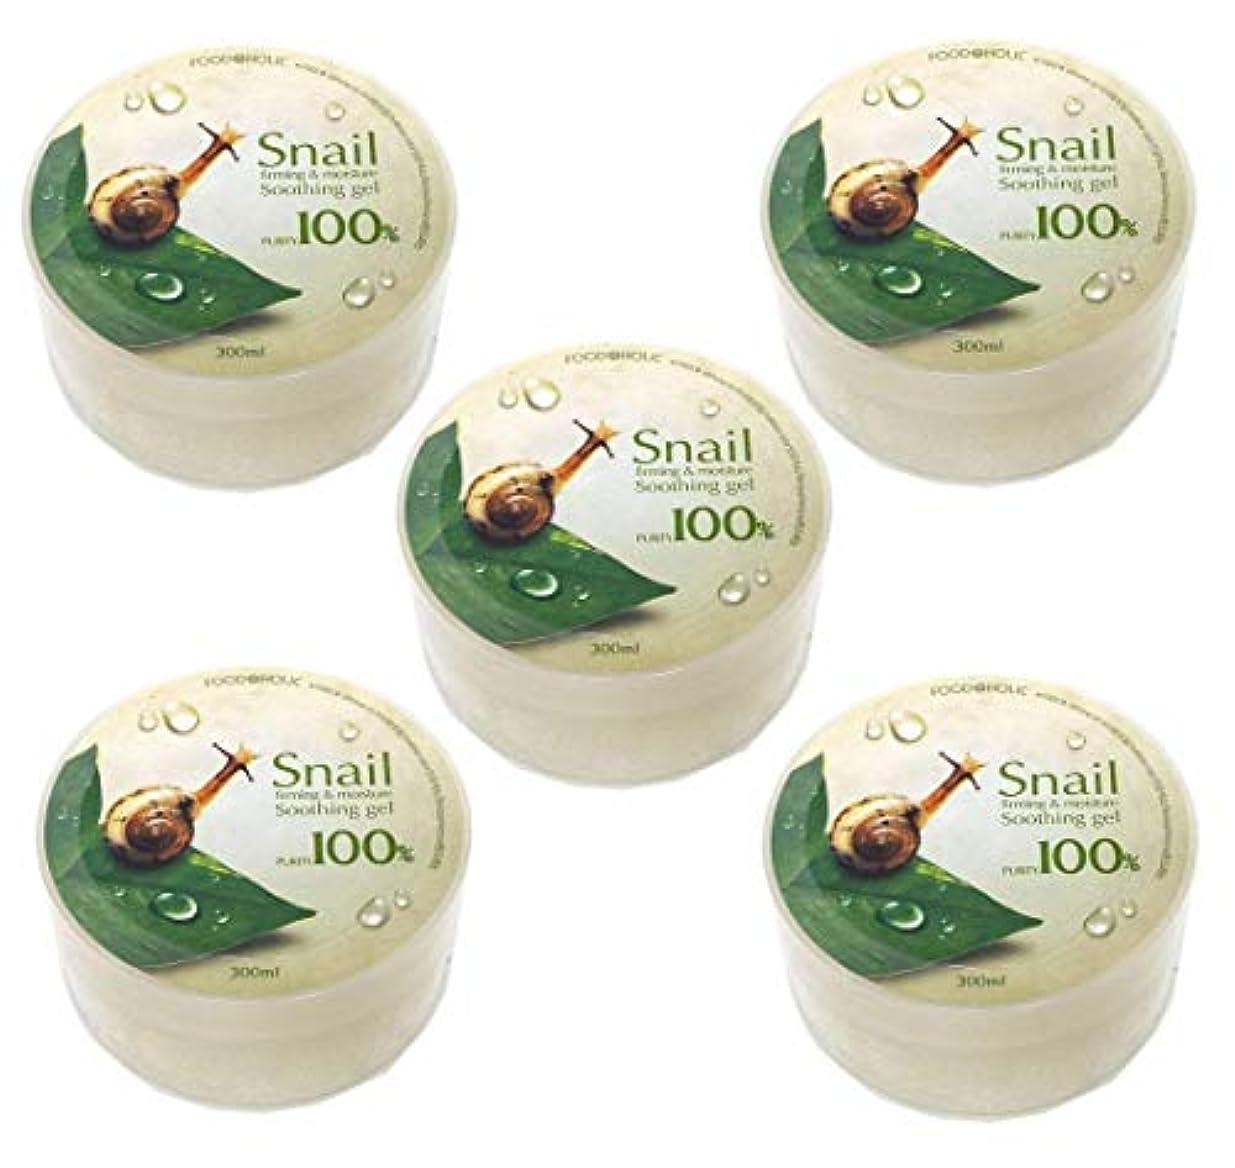 機会男性完全に乾く[Food A Holic] スネイルファーミング&水分スージングジェル300ml X 5ea / Snail Firming & moisture Soothing Gel 300ml X 5ea / 純度97% /...